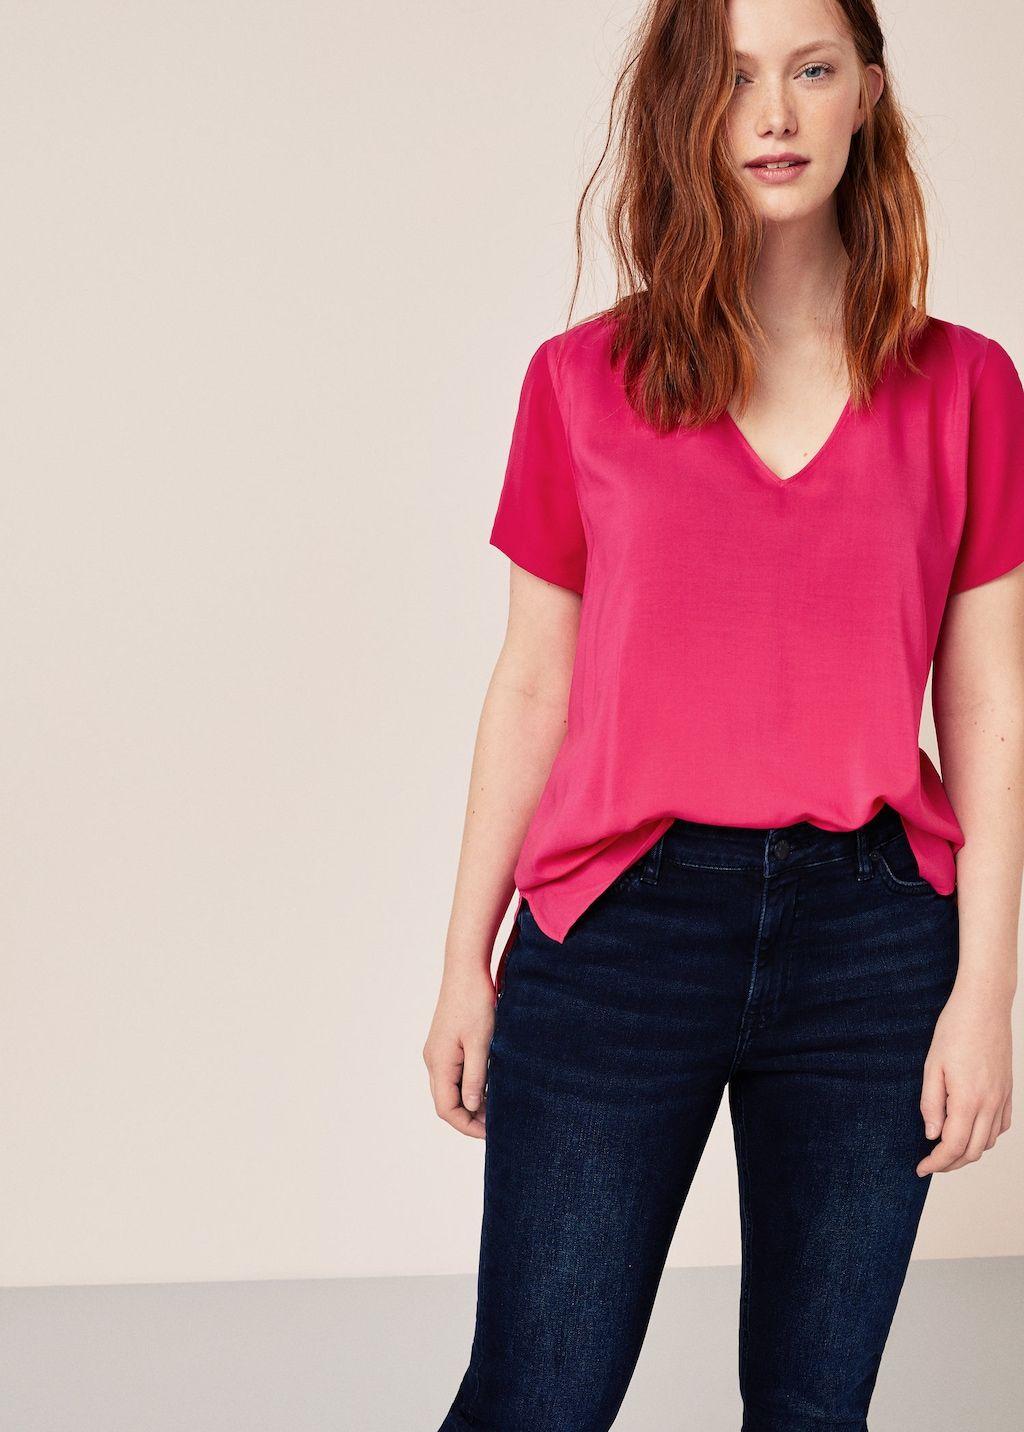 8d610b082776 Flowy blouse - Plus sizes in 2019